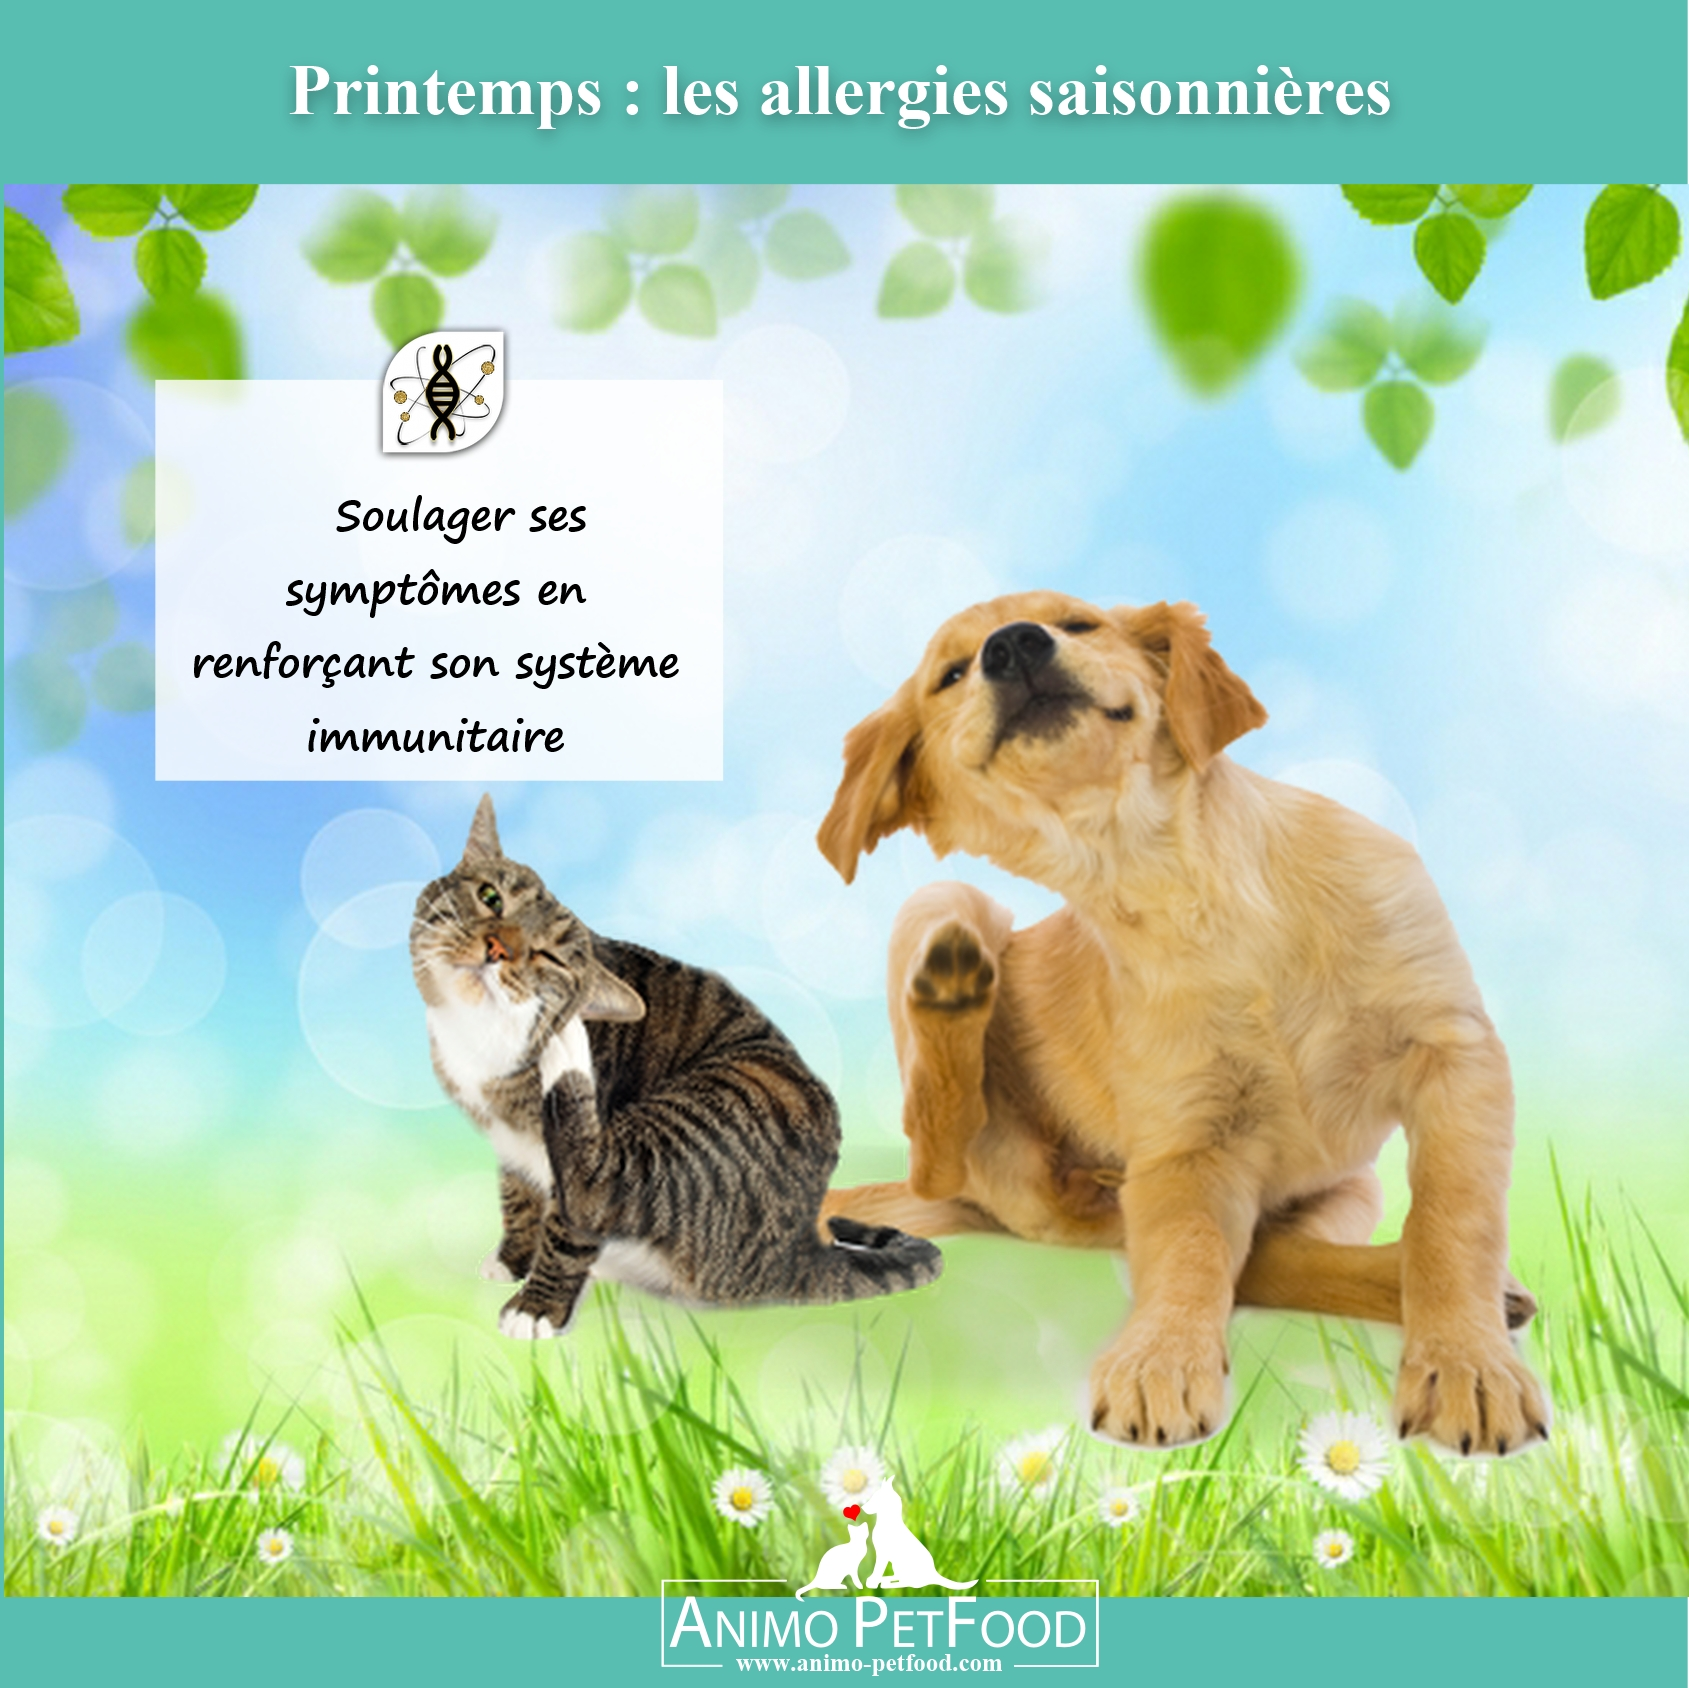 Les dangers du printemps pour les chiens et chats